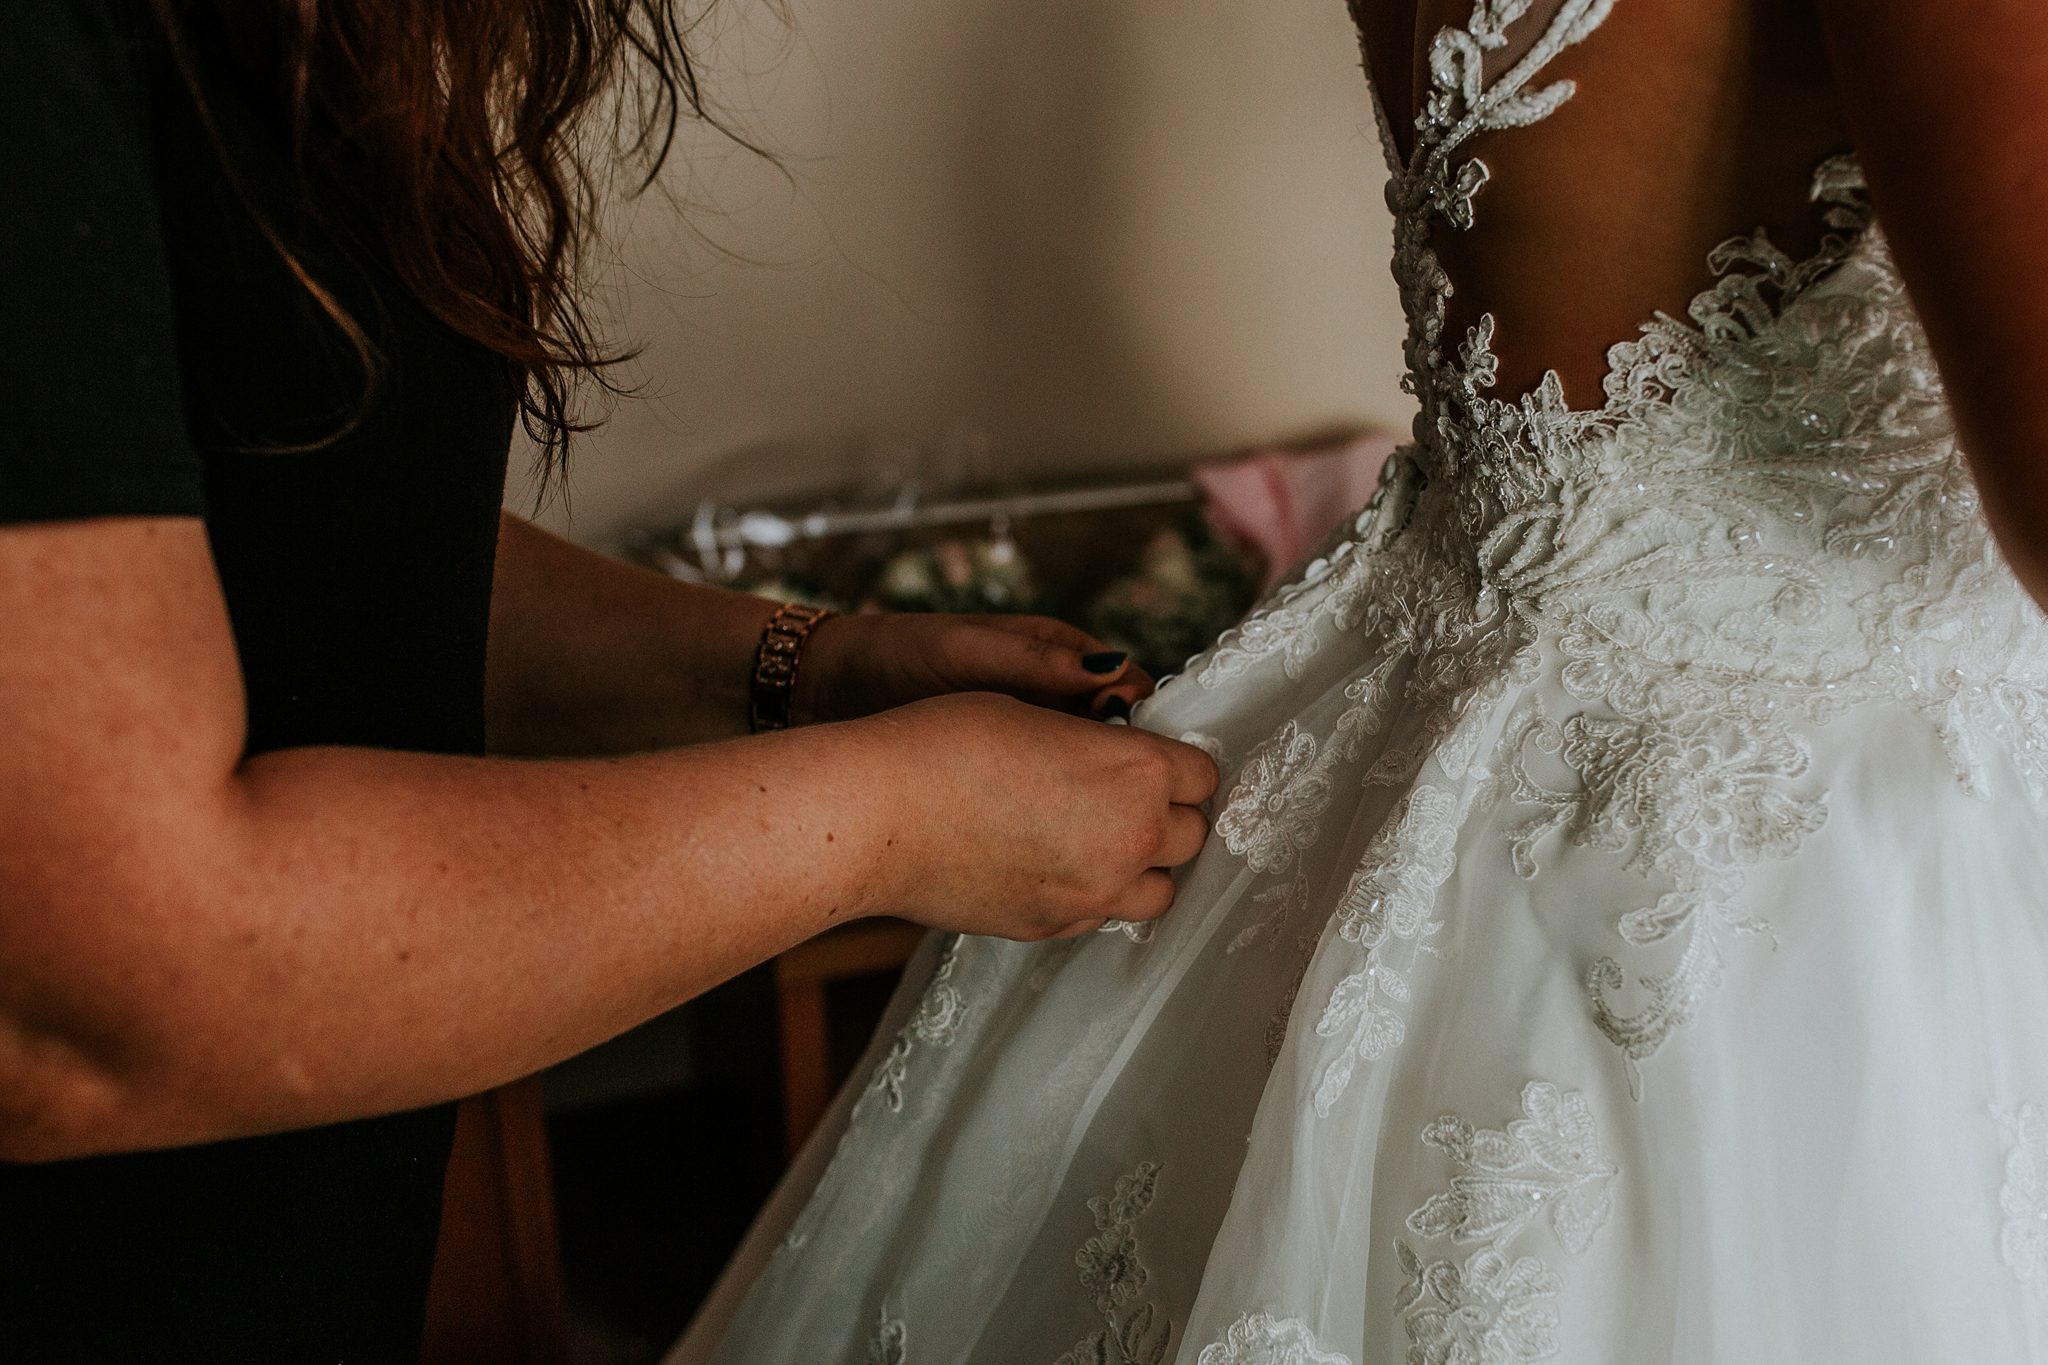 newcastle_upon_tyne_wedding_photographer-10.JPG